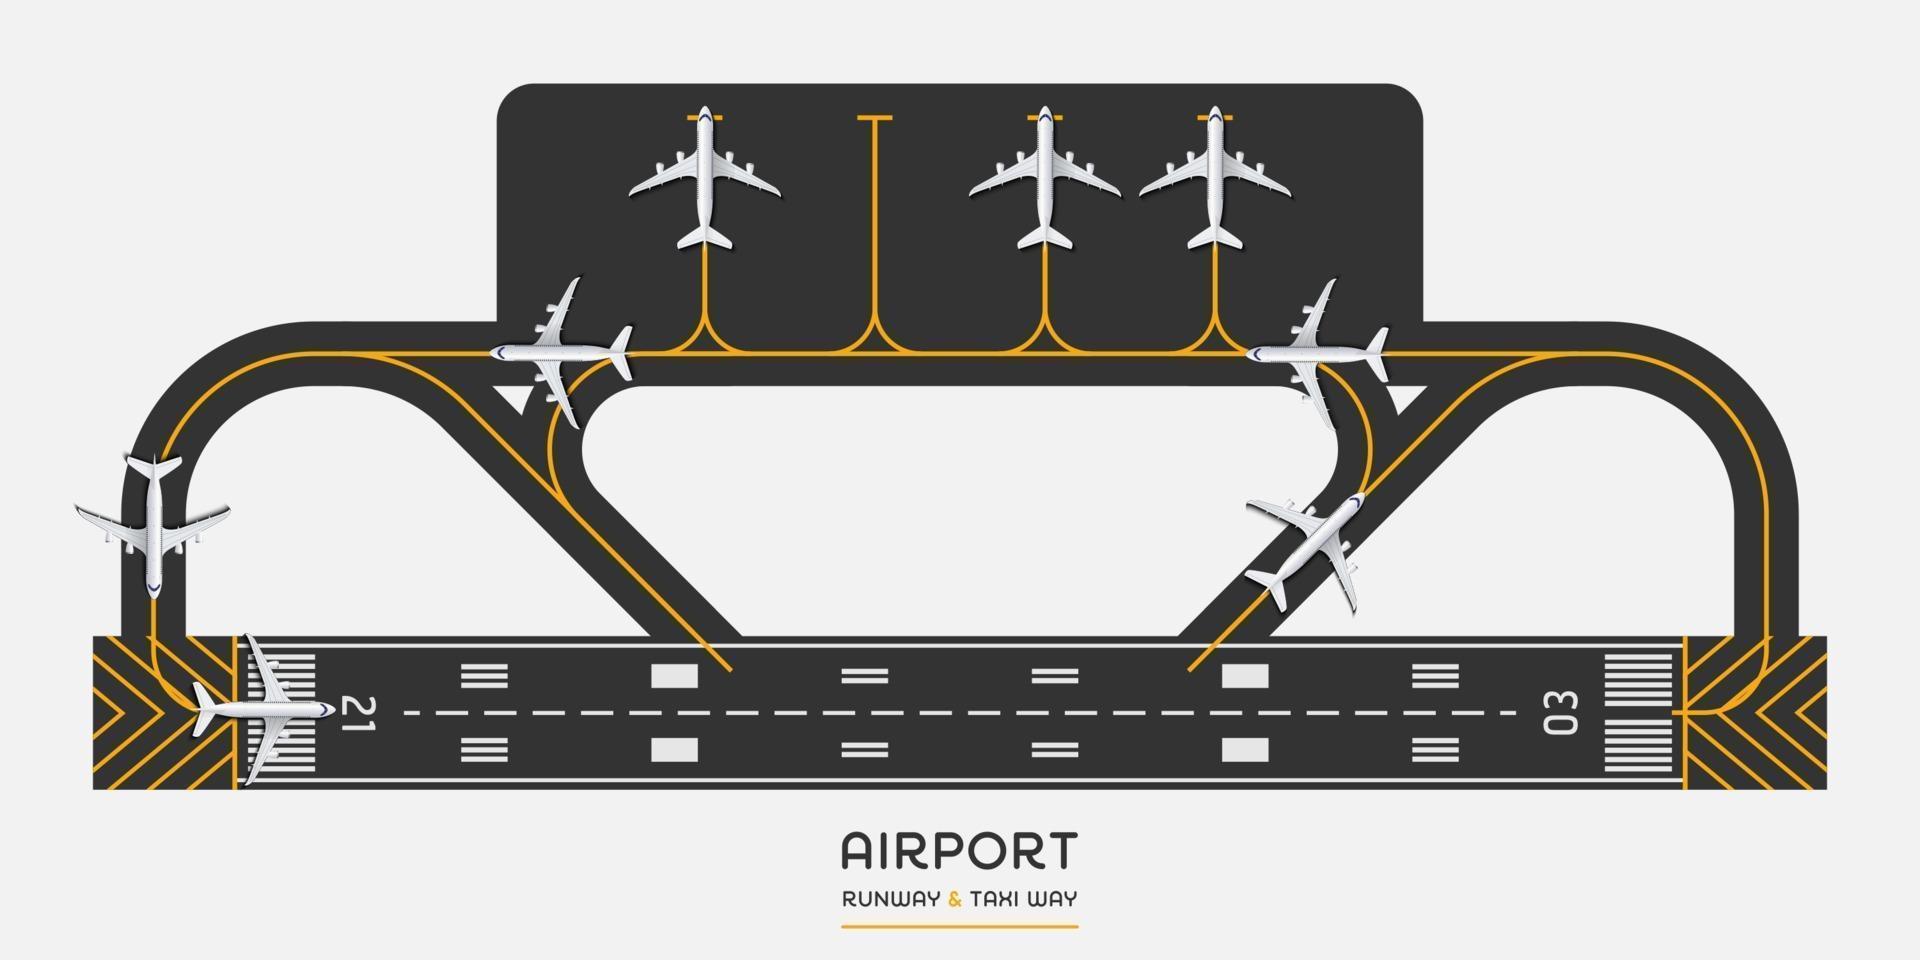 bovenaanzicht van de landingsbaan van de luchthaven en taxibaan met vliegtuig, vectorillustratie vector